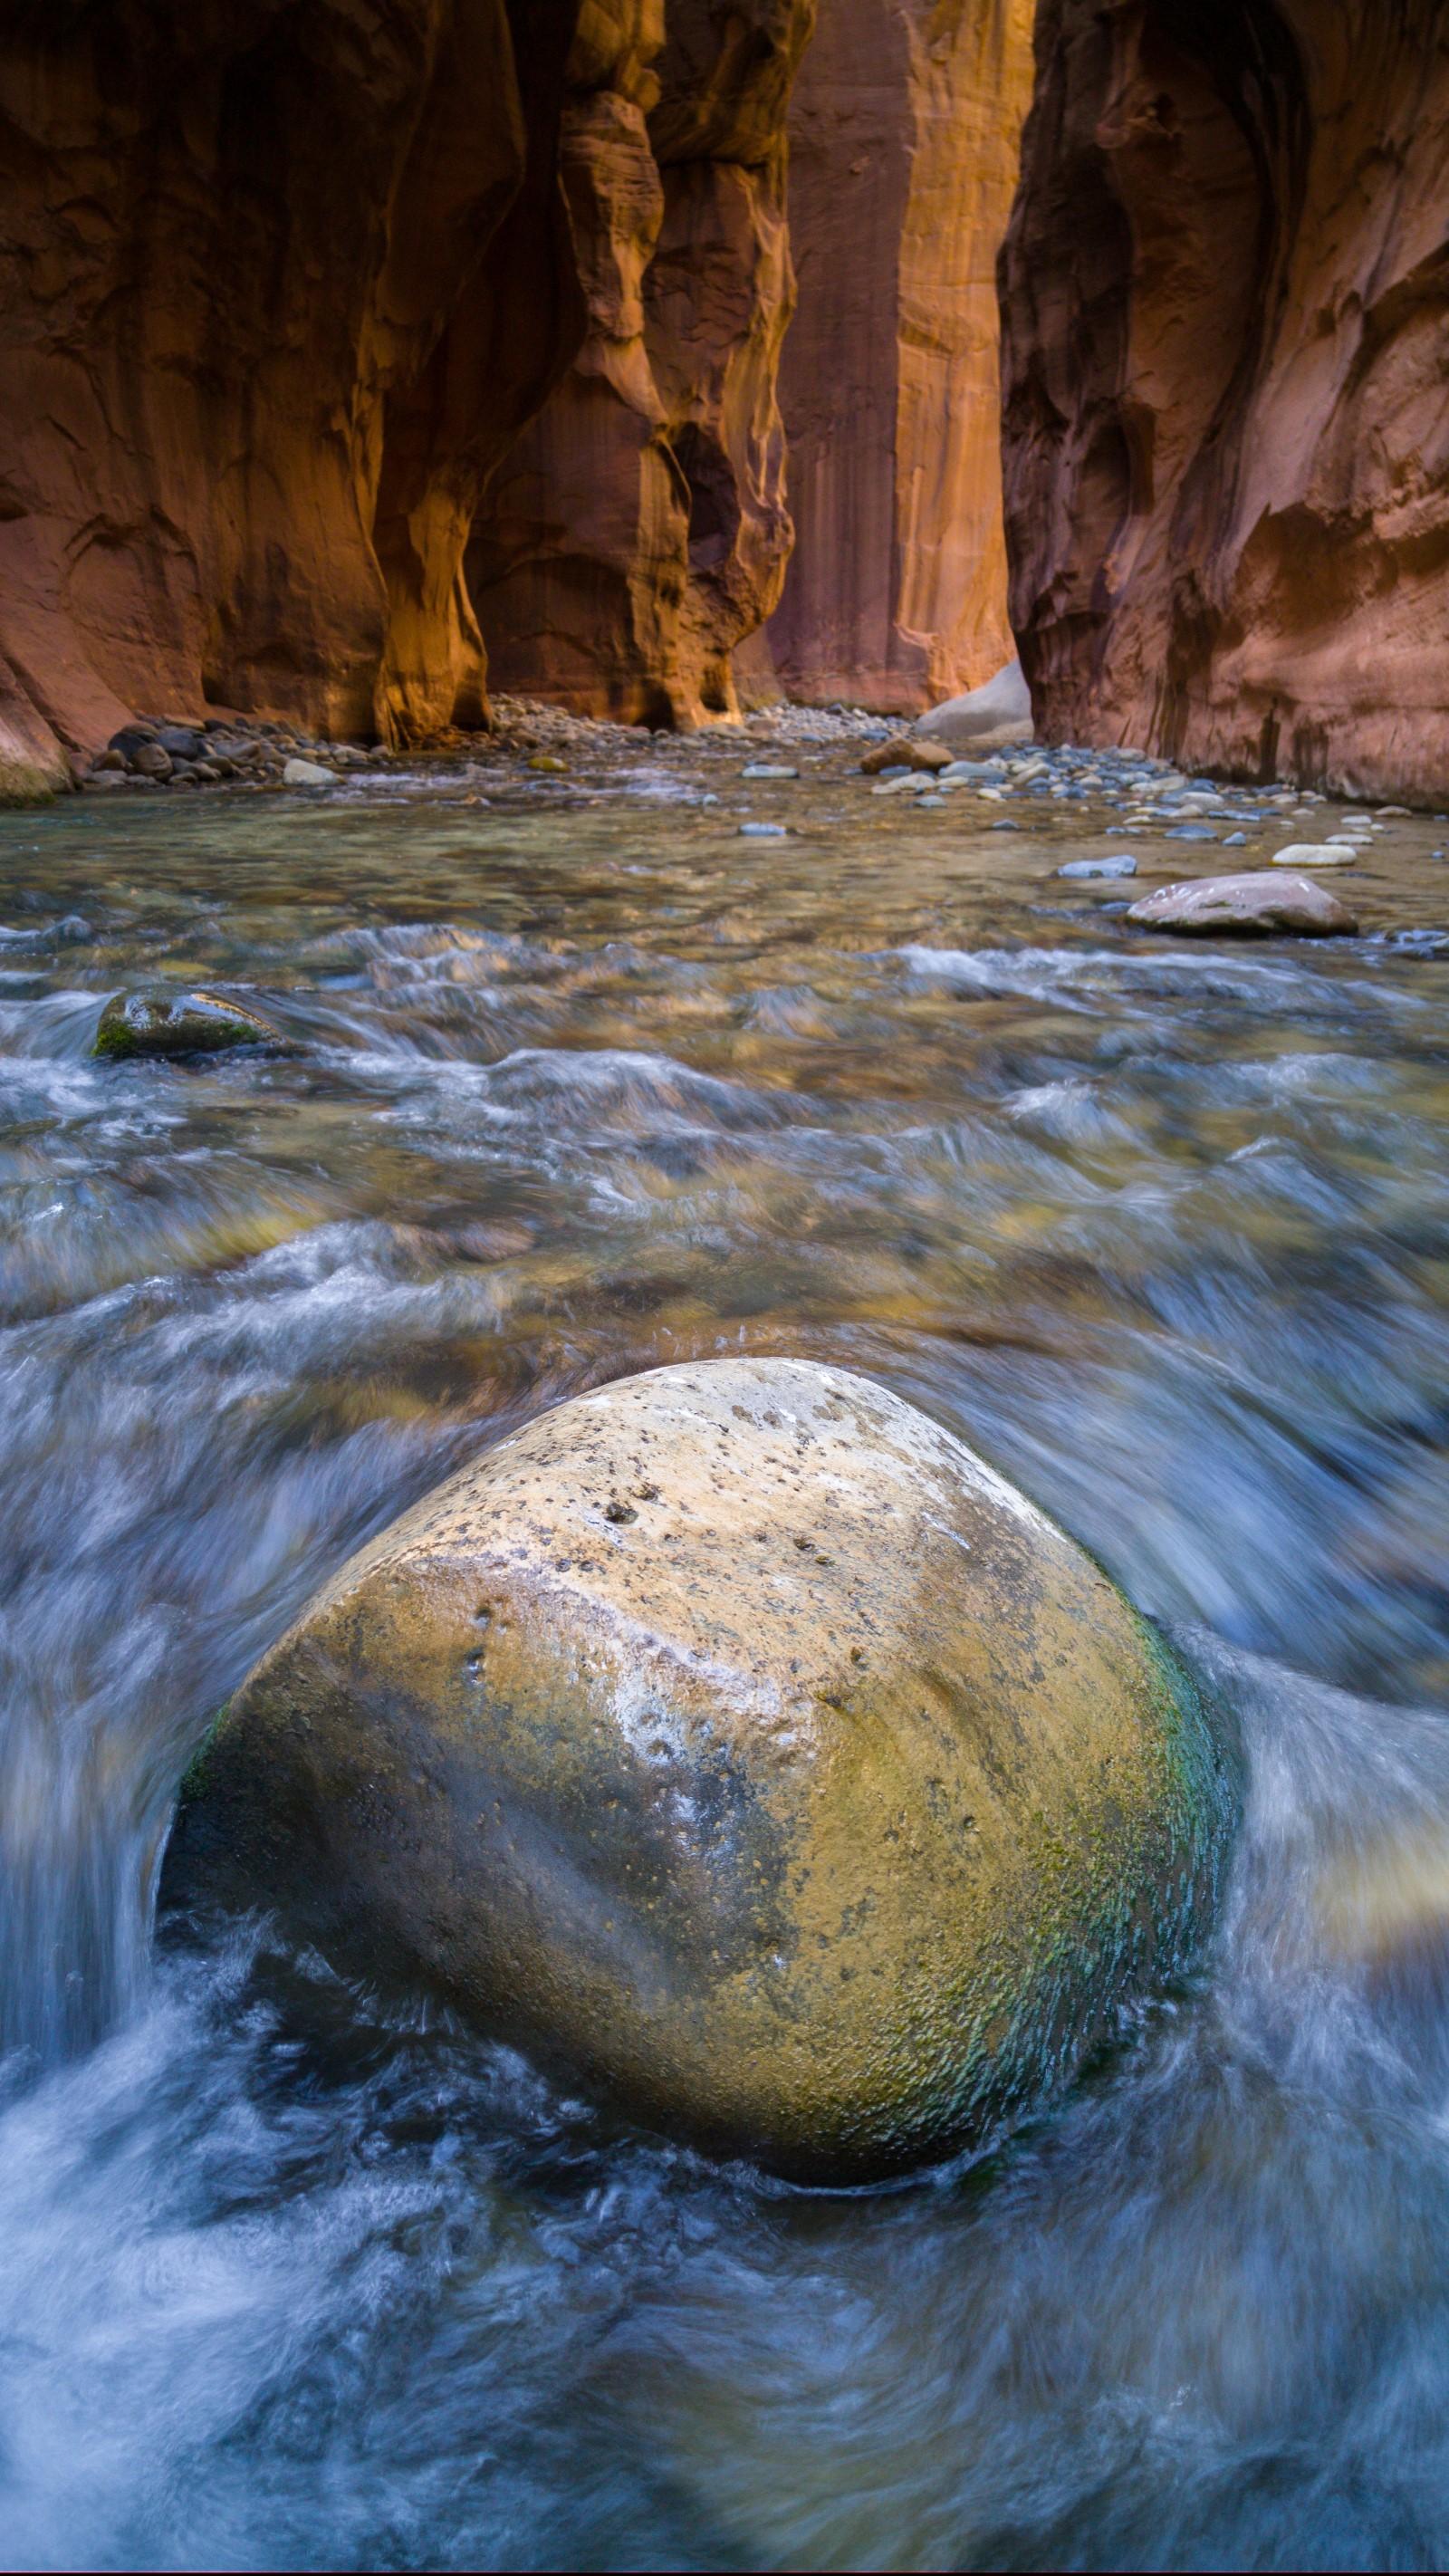 LG G4 ejemplo de foto río roca